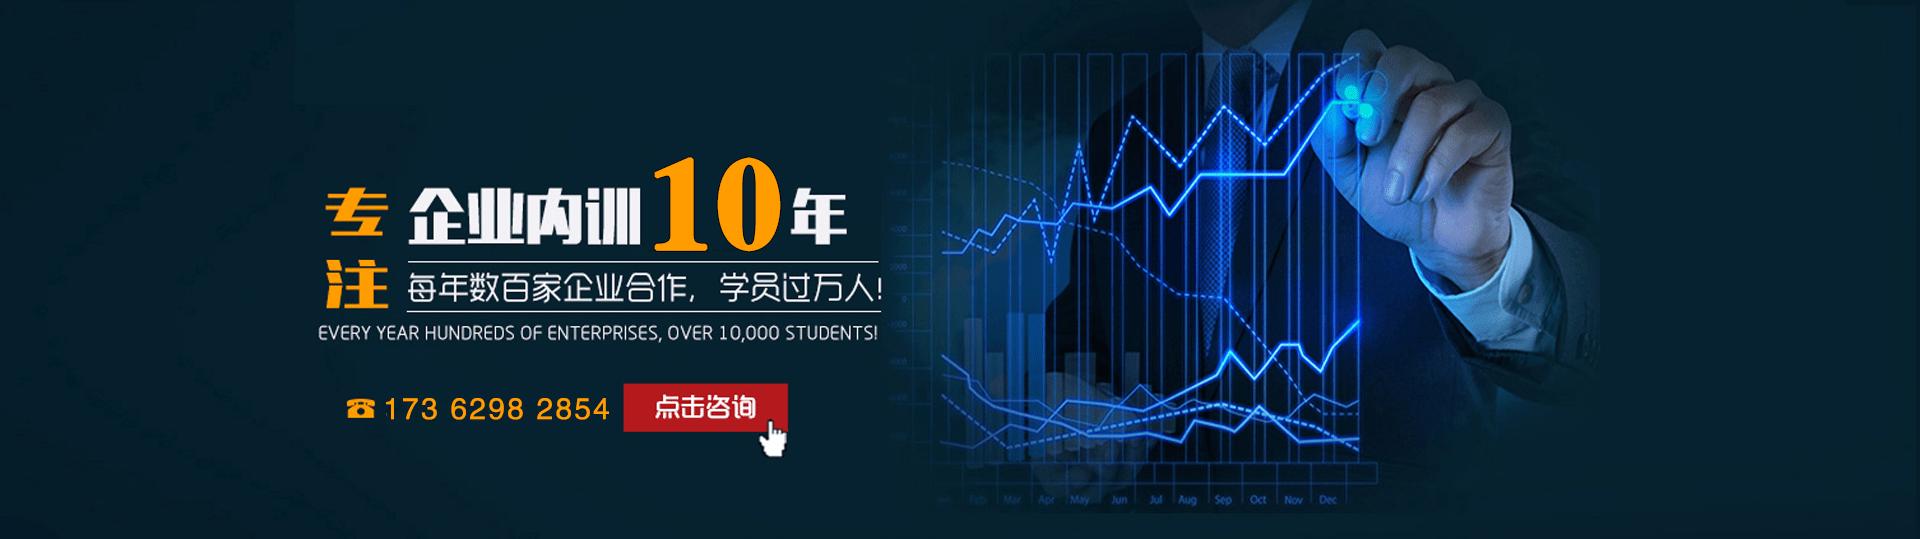 武漢企業管理培訓文章列表頁宣傳圖